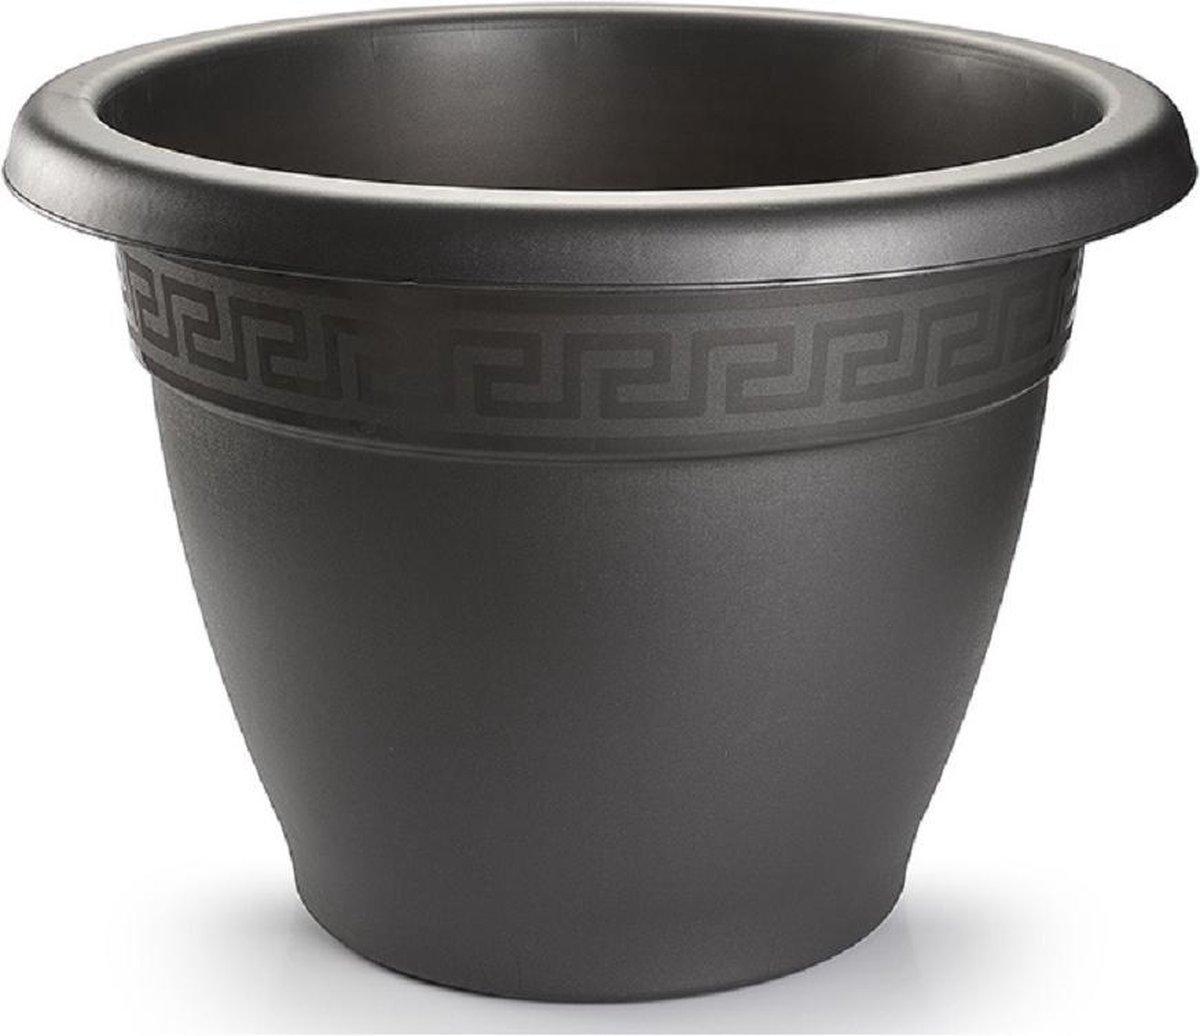 2x Antraciete plantenbakken/bloempotten 25 cm - Woon/tuinaccessoires/decoratie - Ronde bloempotten/plantenpotten voor binnen/buiten